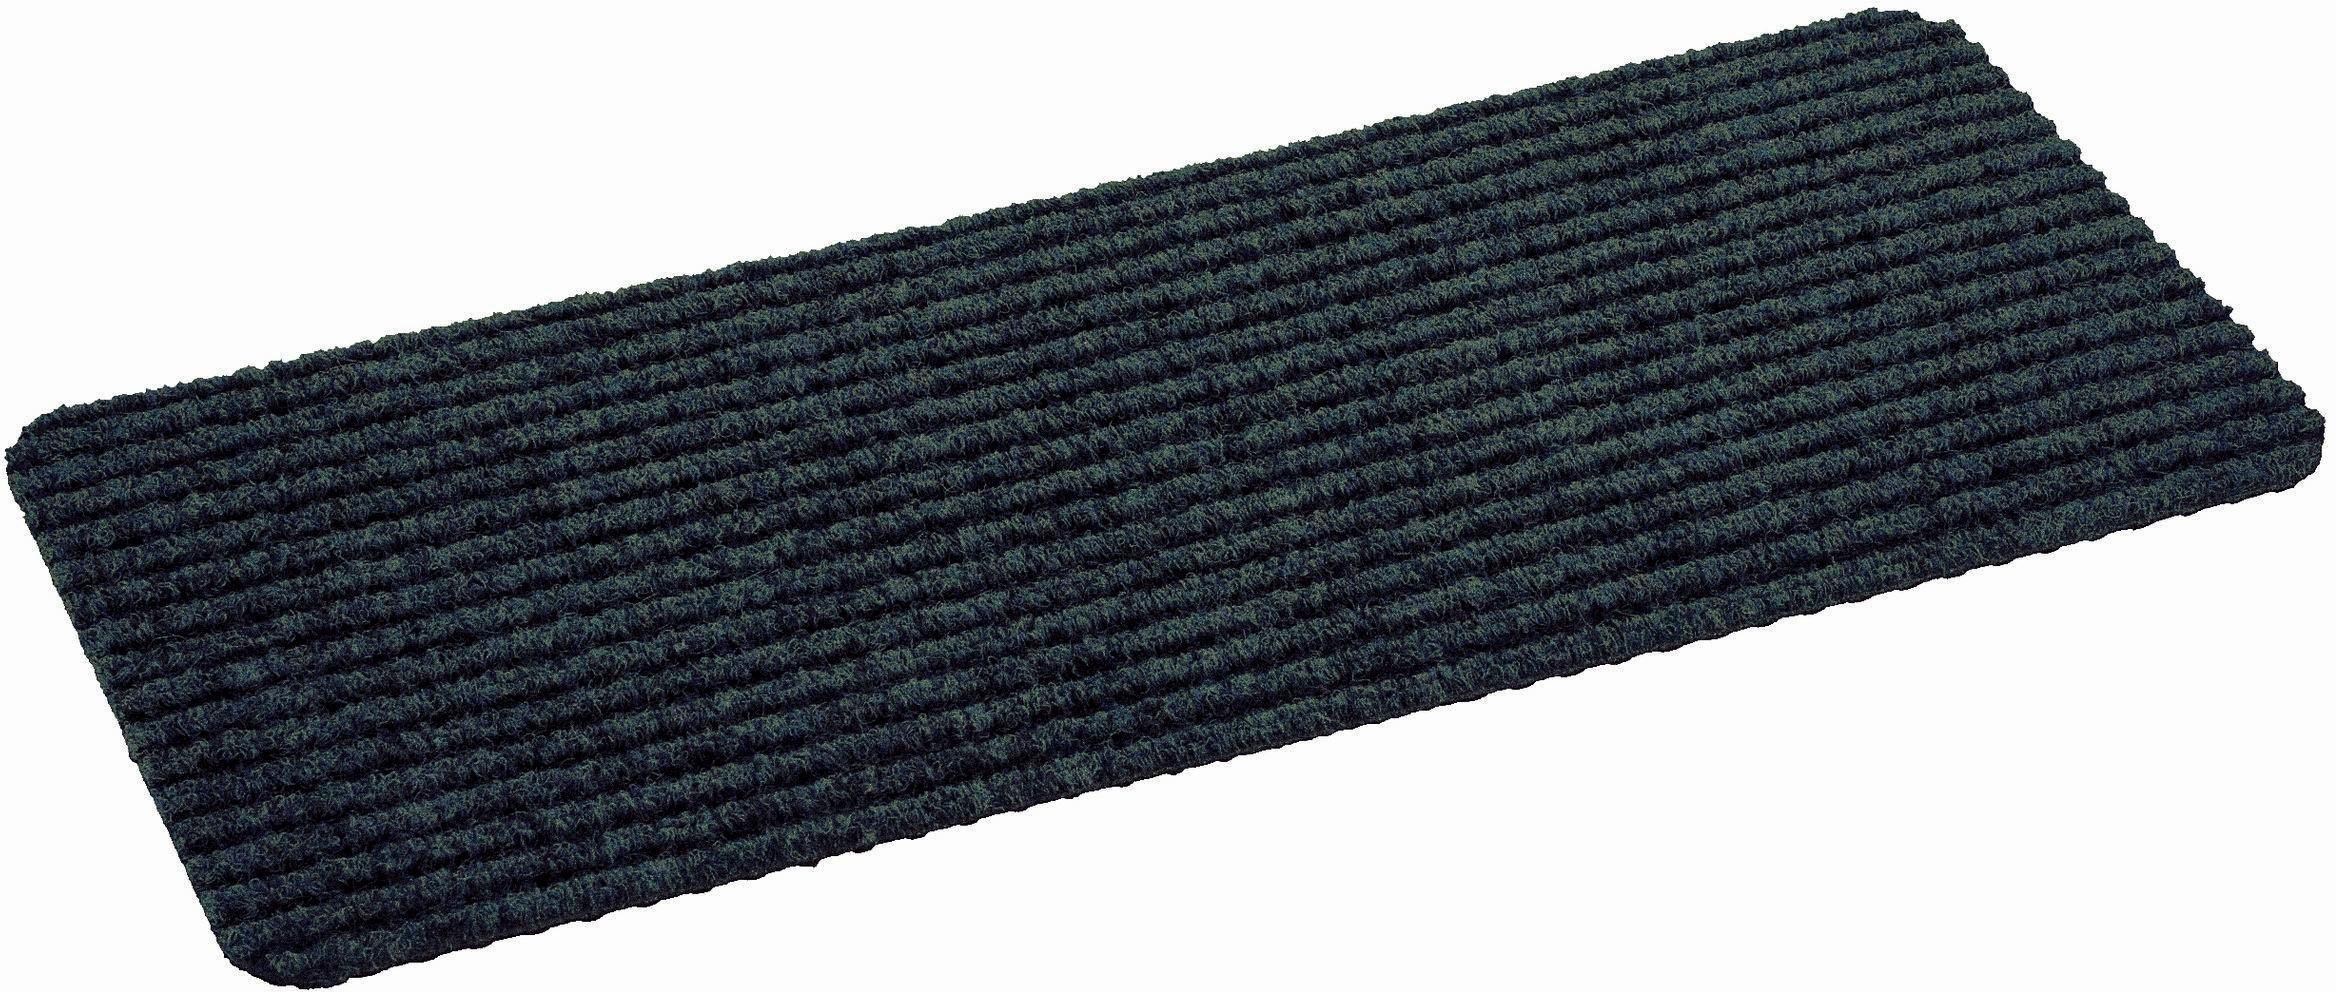 Fußmatte »Rib Line Mini«, ASTRA, rechteckig, Höhe 9 mm | Heimtextilien > Fussmatten | ASTRA